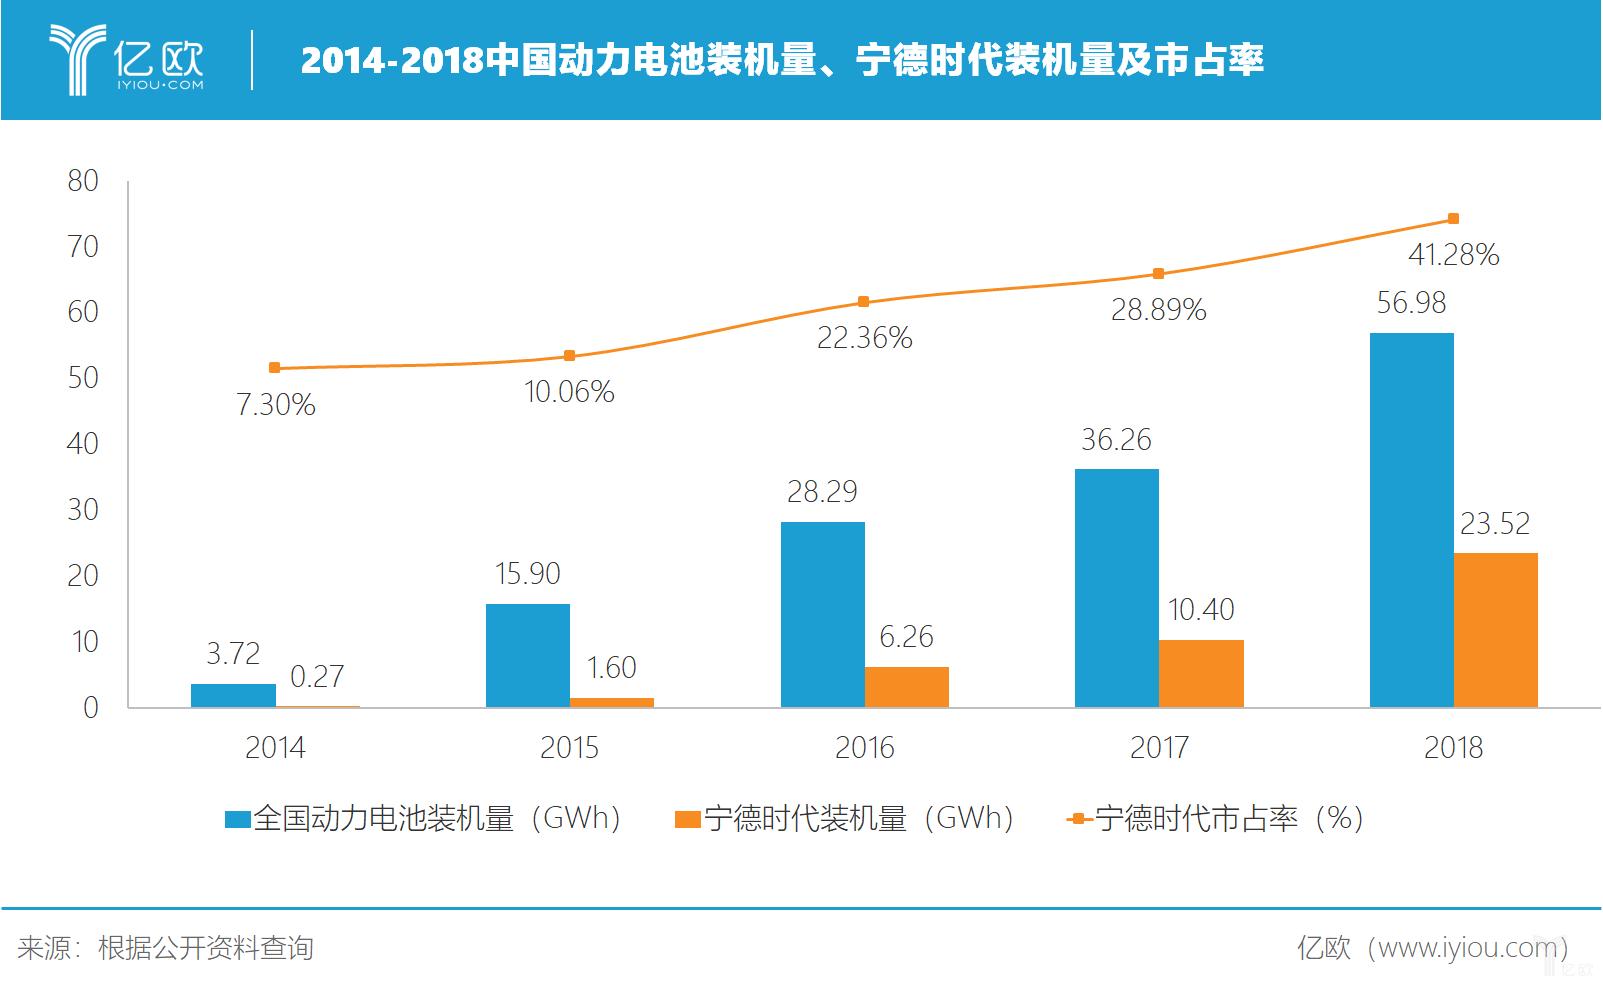 2014-2018中國動力電池裝機量、寧德時代裝機量及市占率